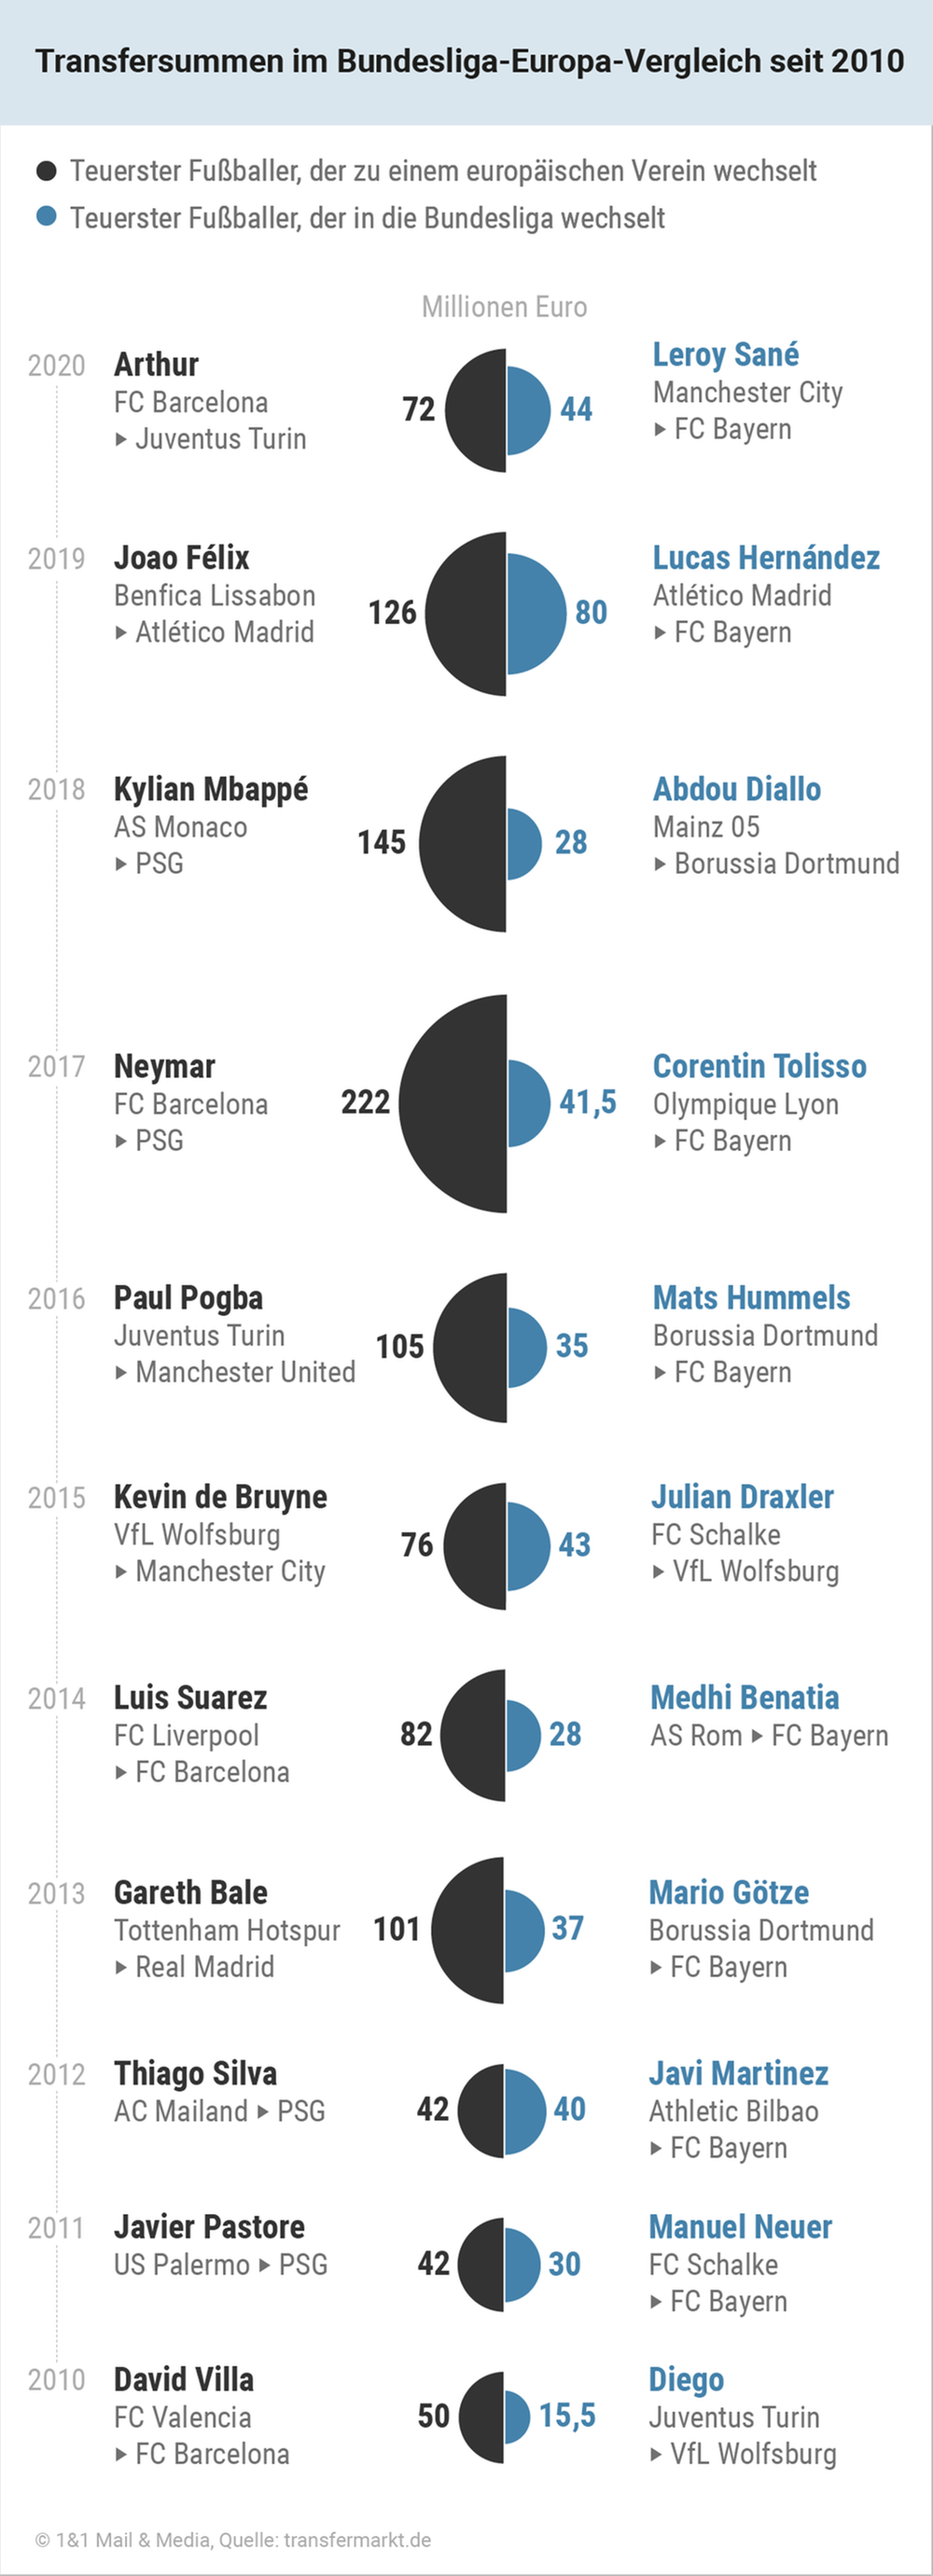 Transfersummen-im-Bundesliga-Europa-Vergleich